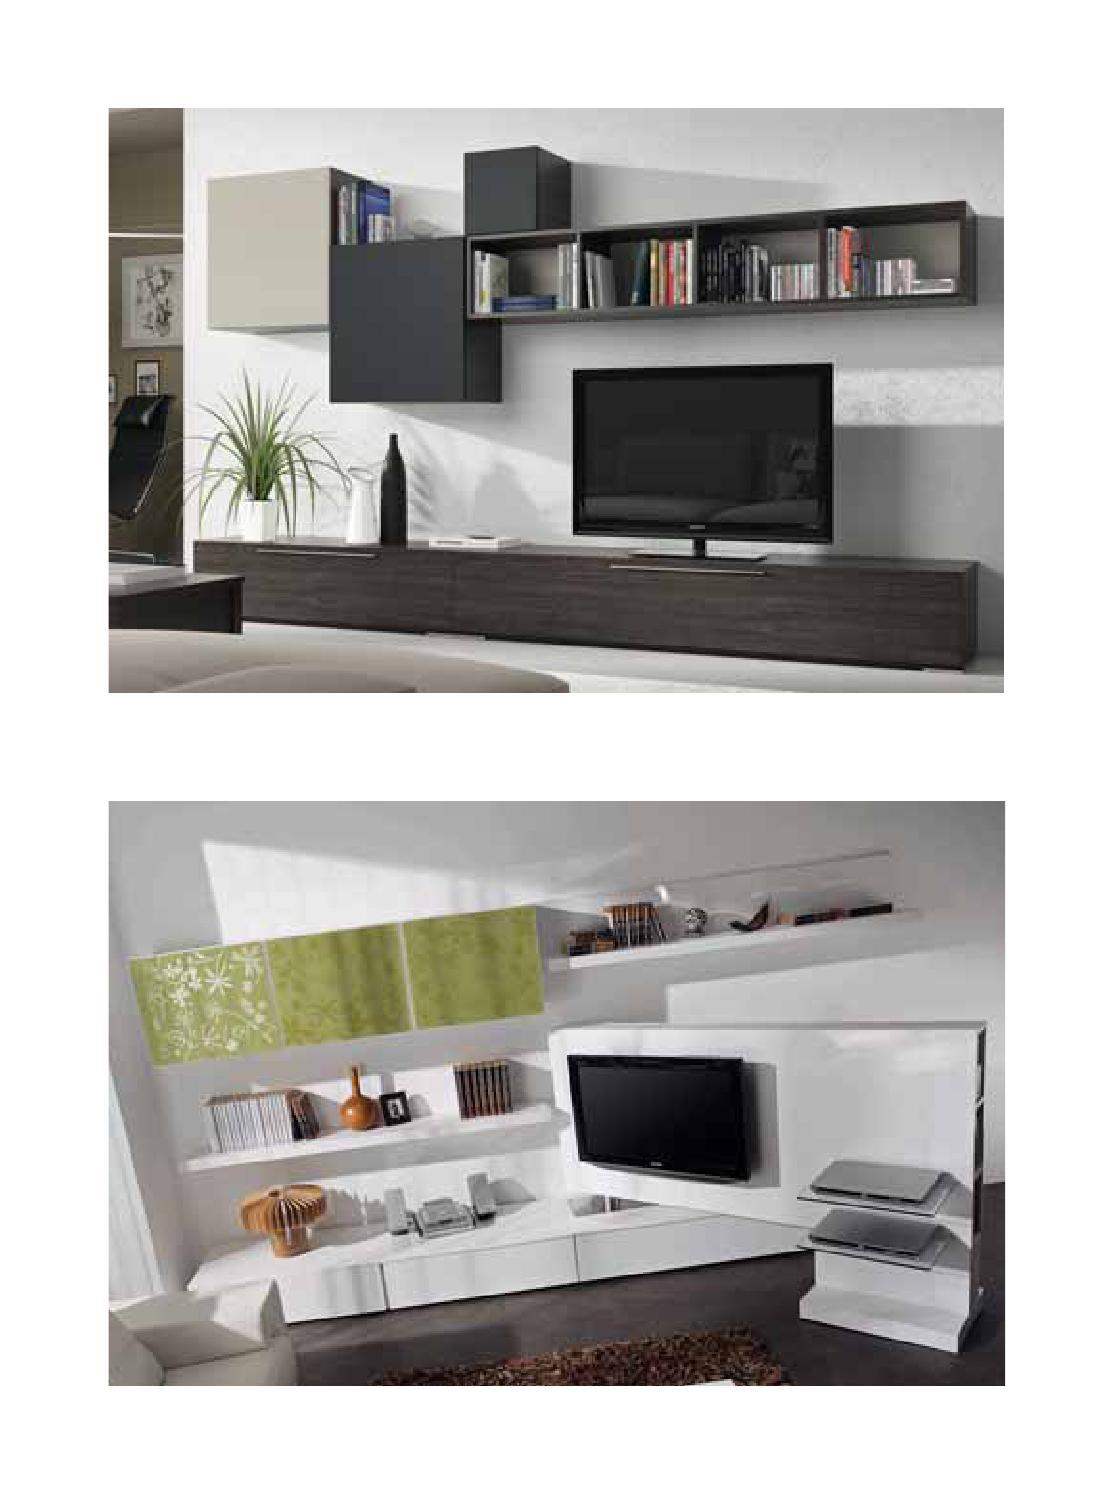 Circulo muebles nueva colecci n by circulo muebles issuu for Cadenas de muebles